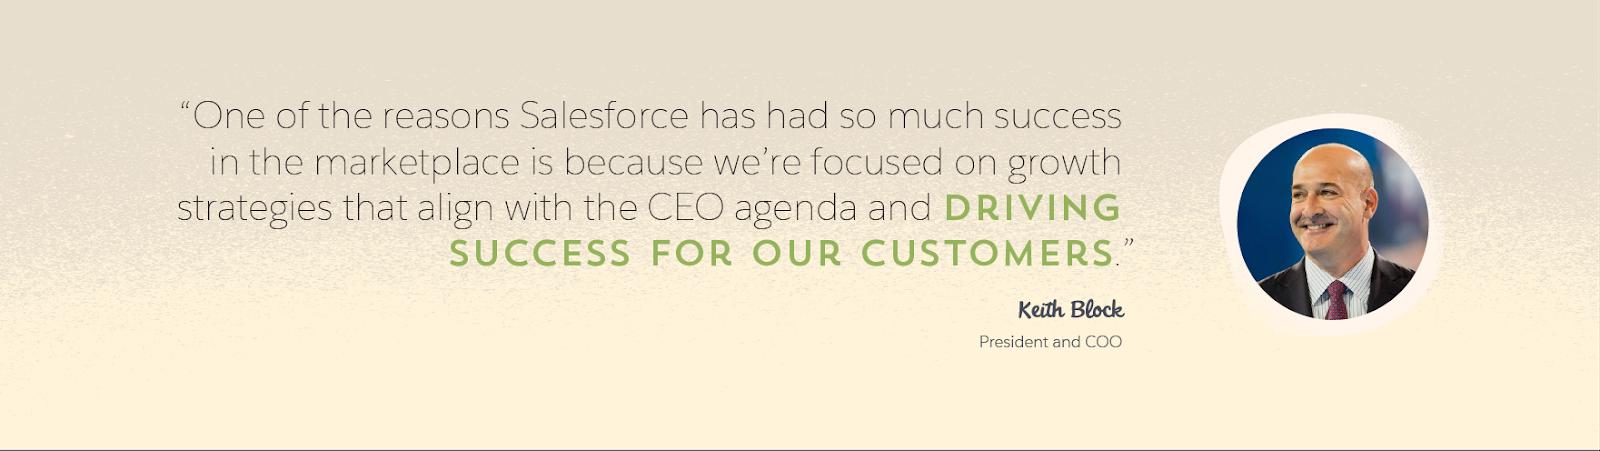 Salesforce の社長兼 COO である Keith Block と、「Salesforce が市場でこれほどの成功を収めた理由の 1 つは、CEO の計画に沿った成長戦略とお客様の成功促進に集中していることです」という同氏の引用を示すグラフィック